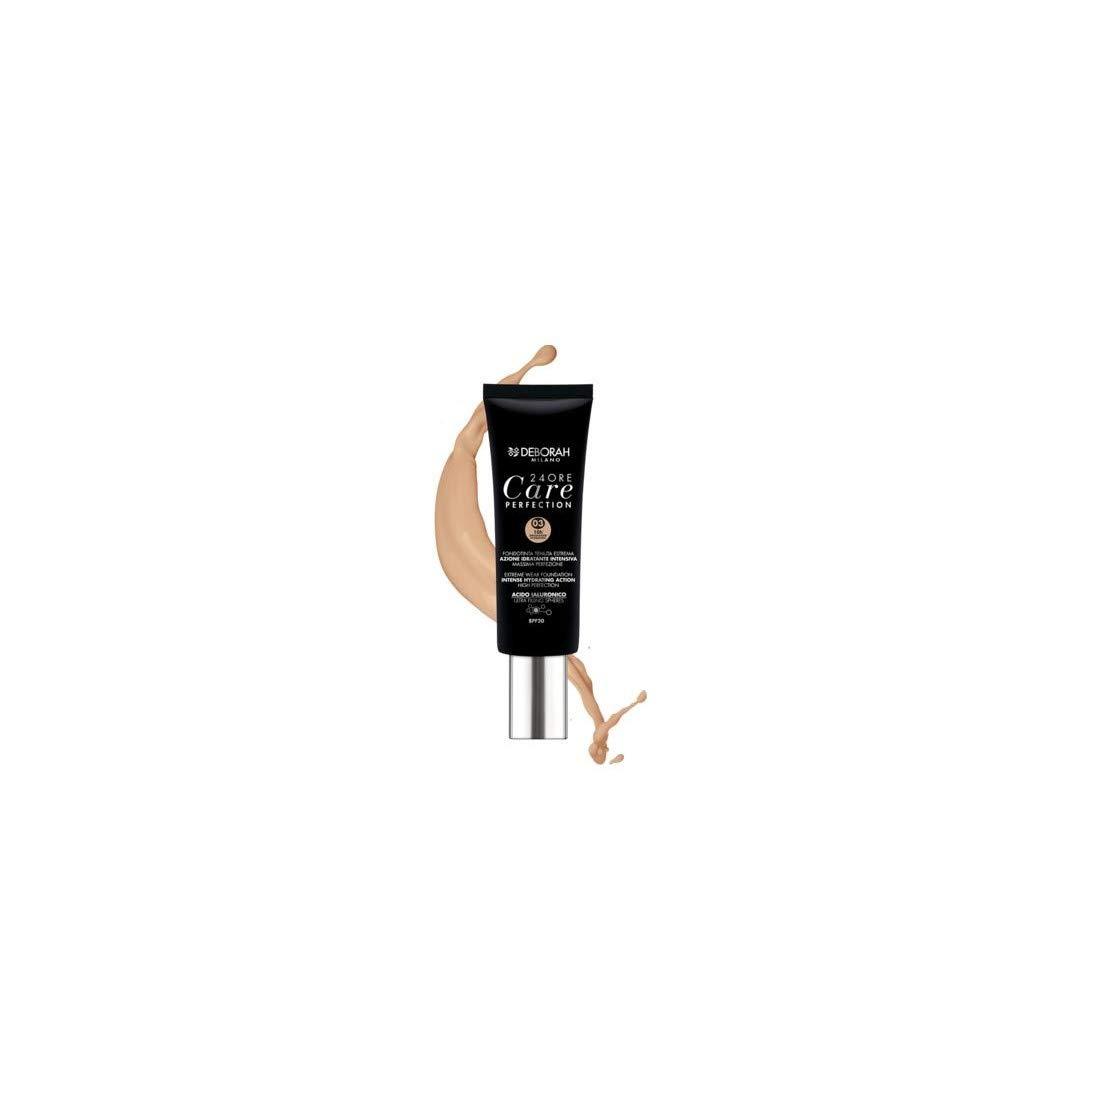 Deborah, Base de maquillaje (03) - 1 unidad 8009518272031